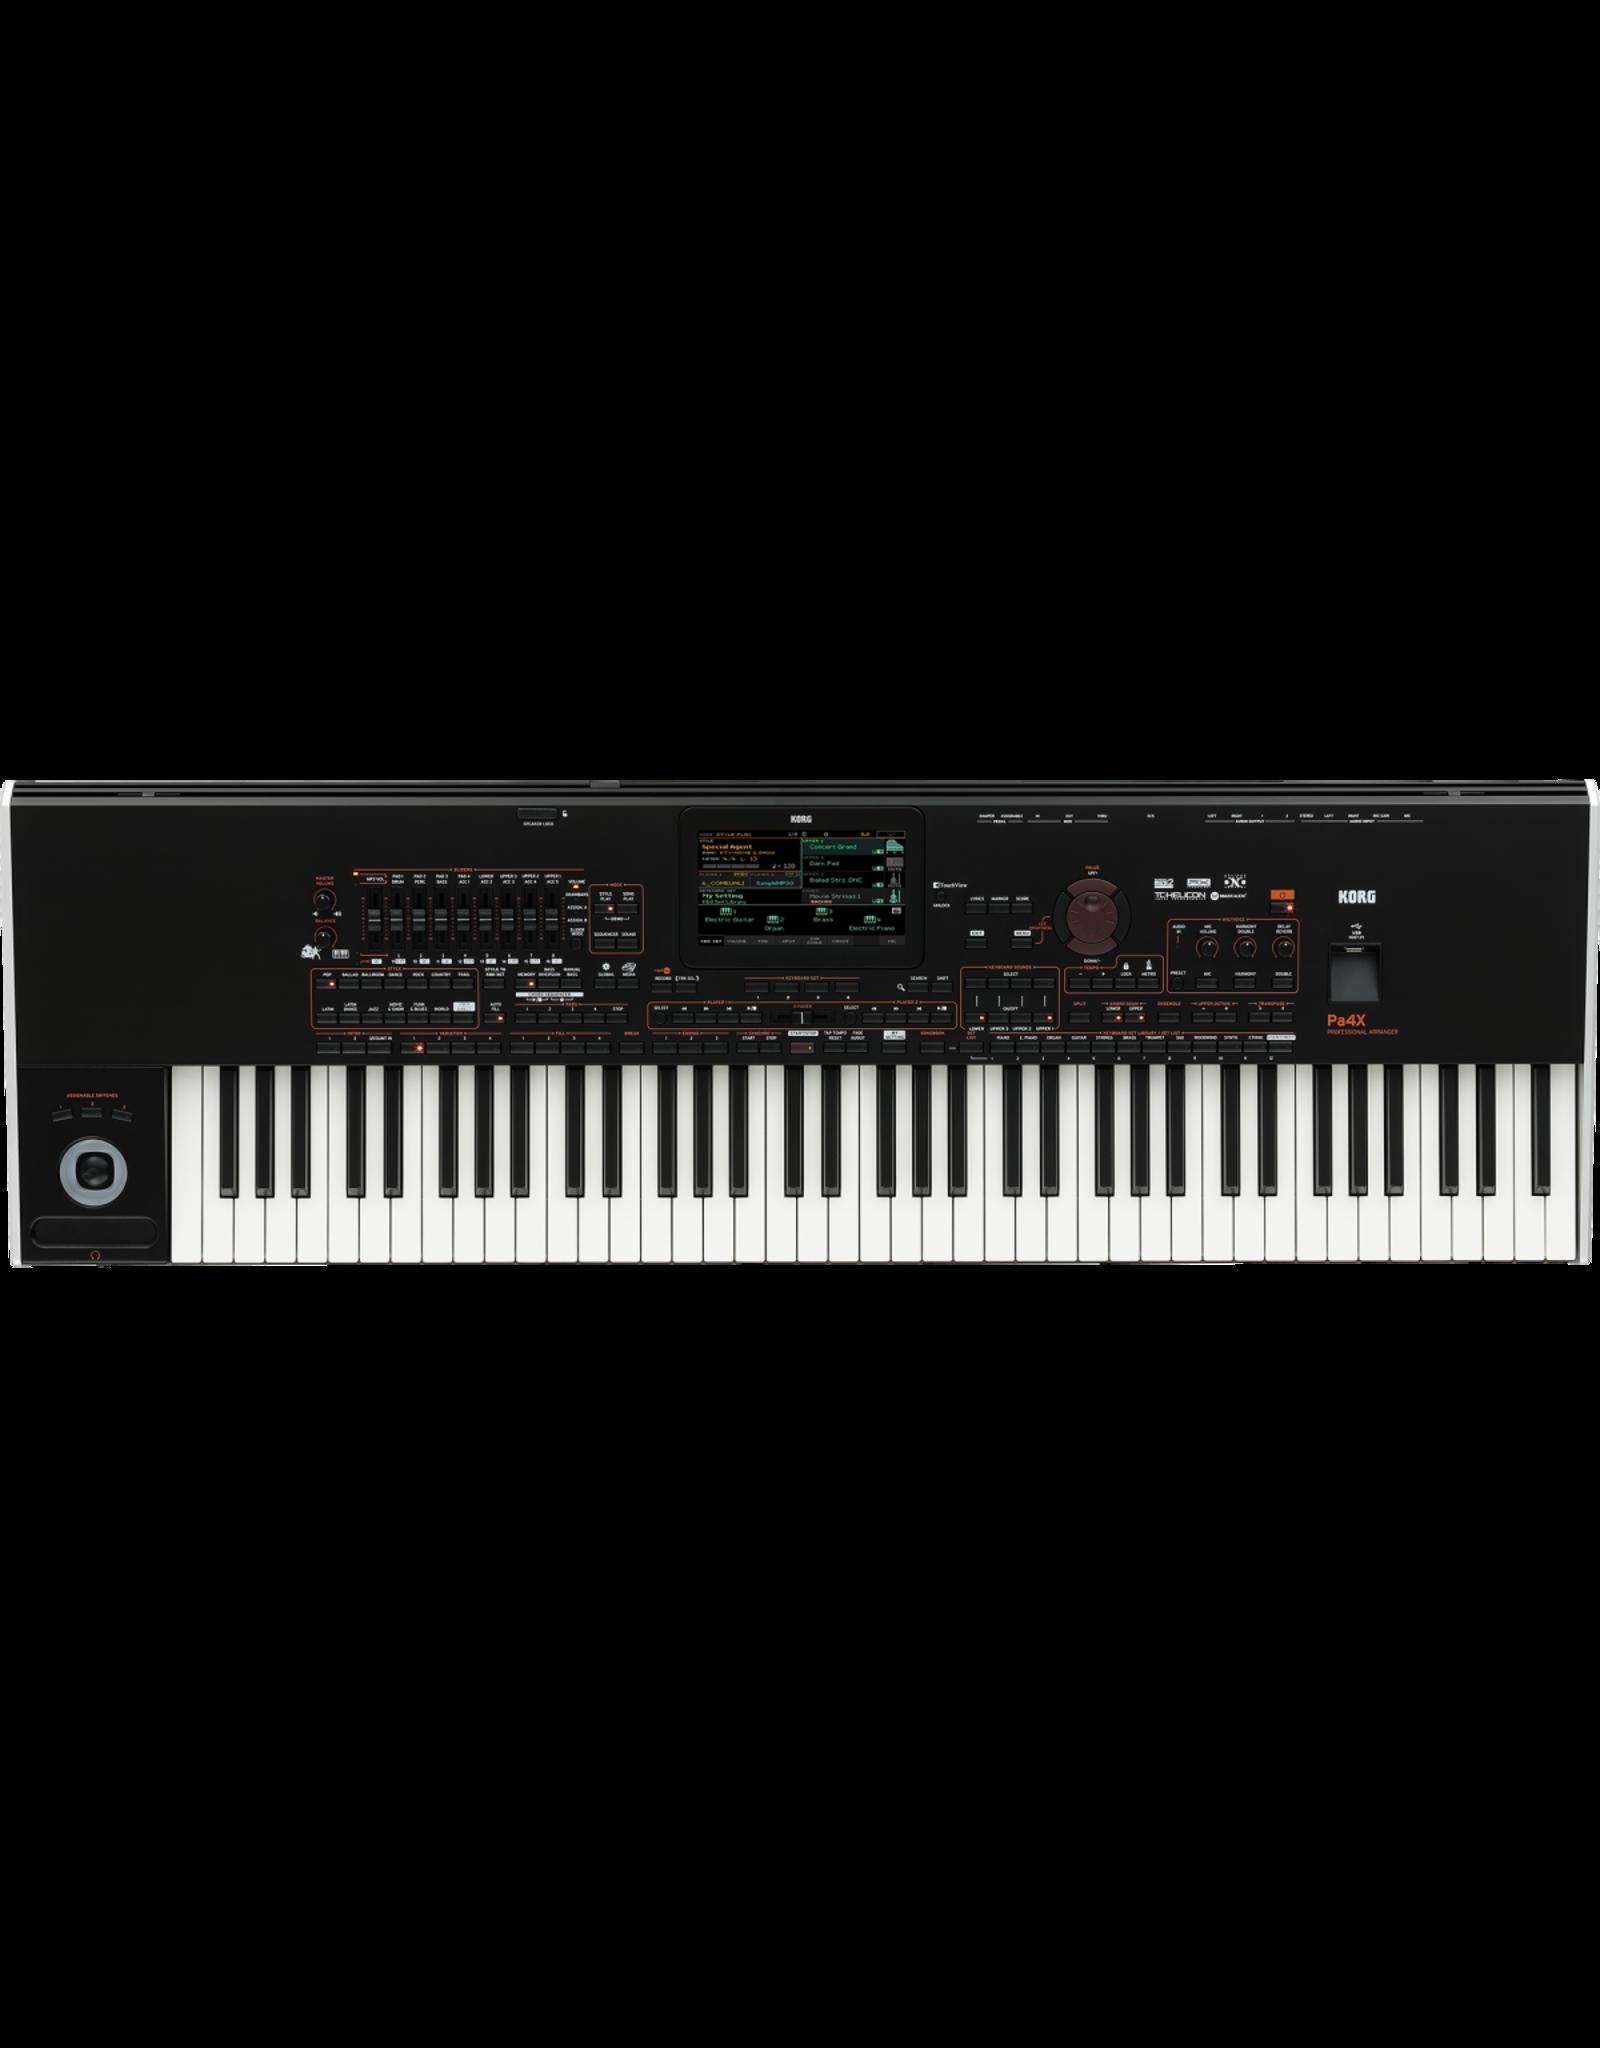 Korg PA4x NEXT ORIENTAL 76 toetsen Korg professioneel arranger keyboard